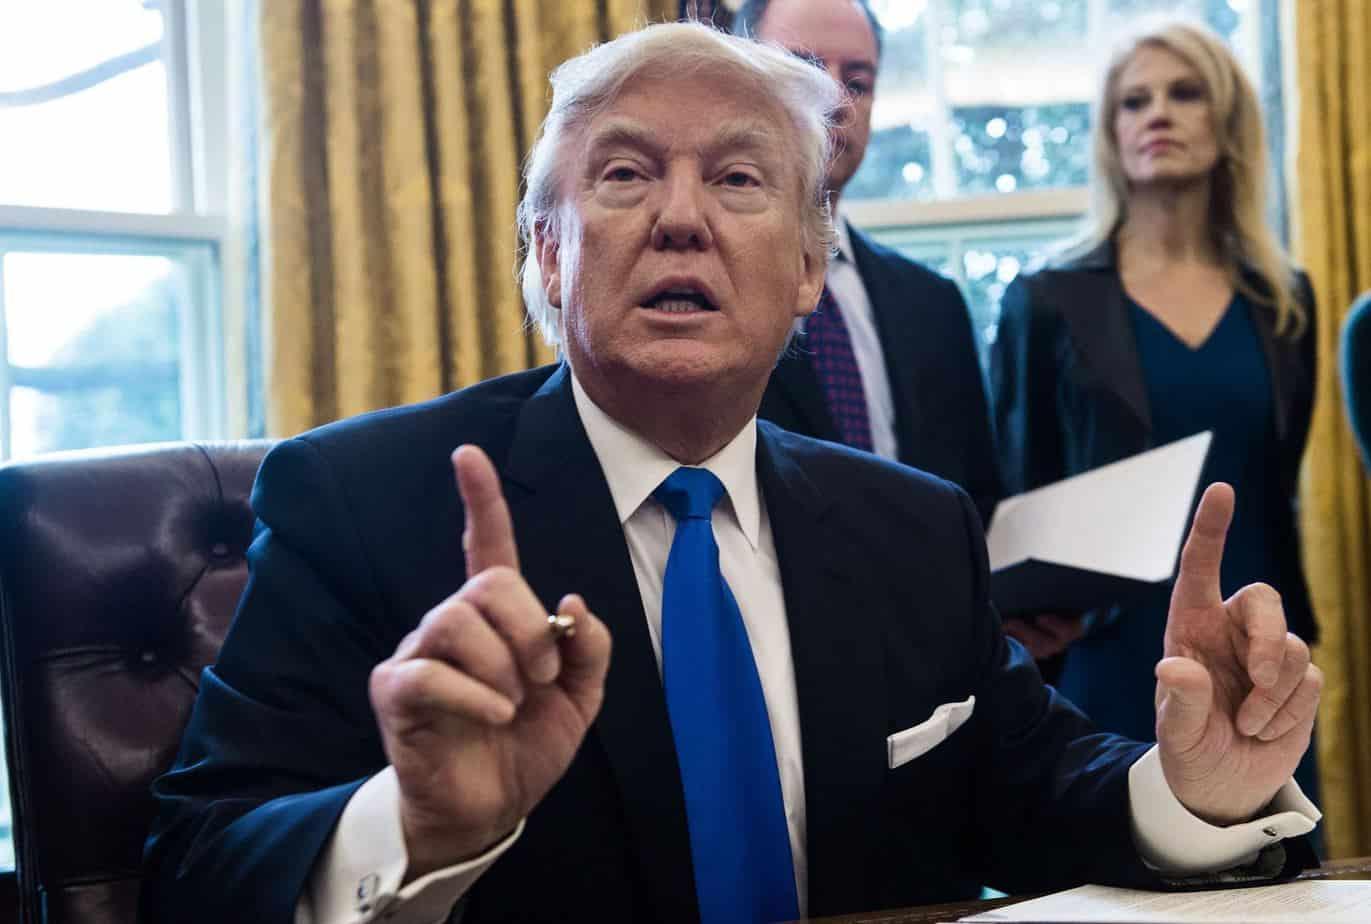 Última hora: Fuentes aseguran que la próxima decisión Trump prohibiría a su país negociar con empresas de las FAR y restringiría los viajes a la Isla